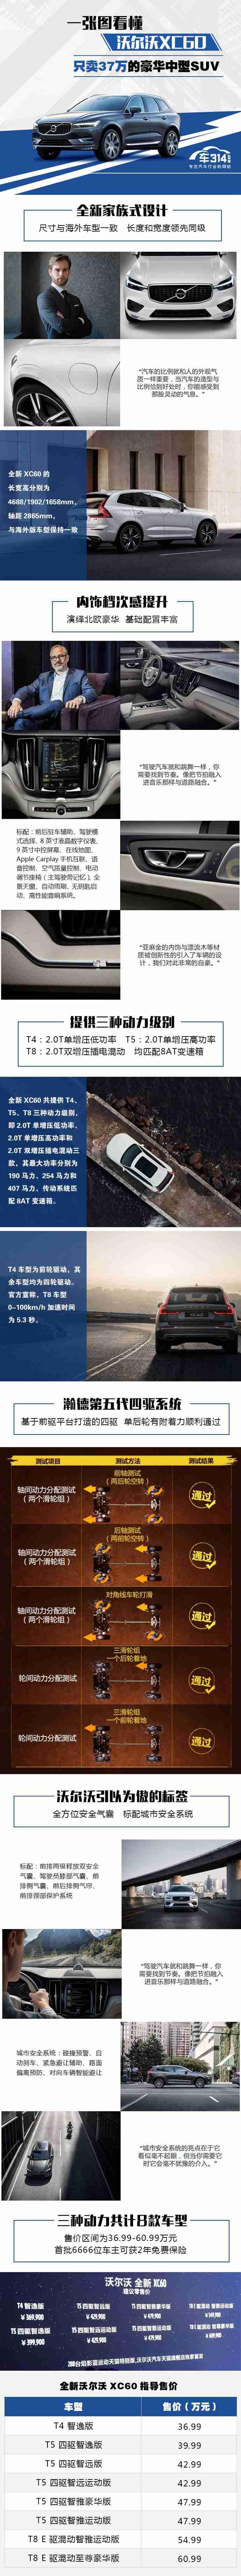 一张图看懂全新XC60 只卖37万的豪华SUV